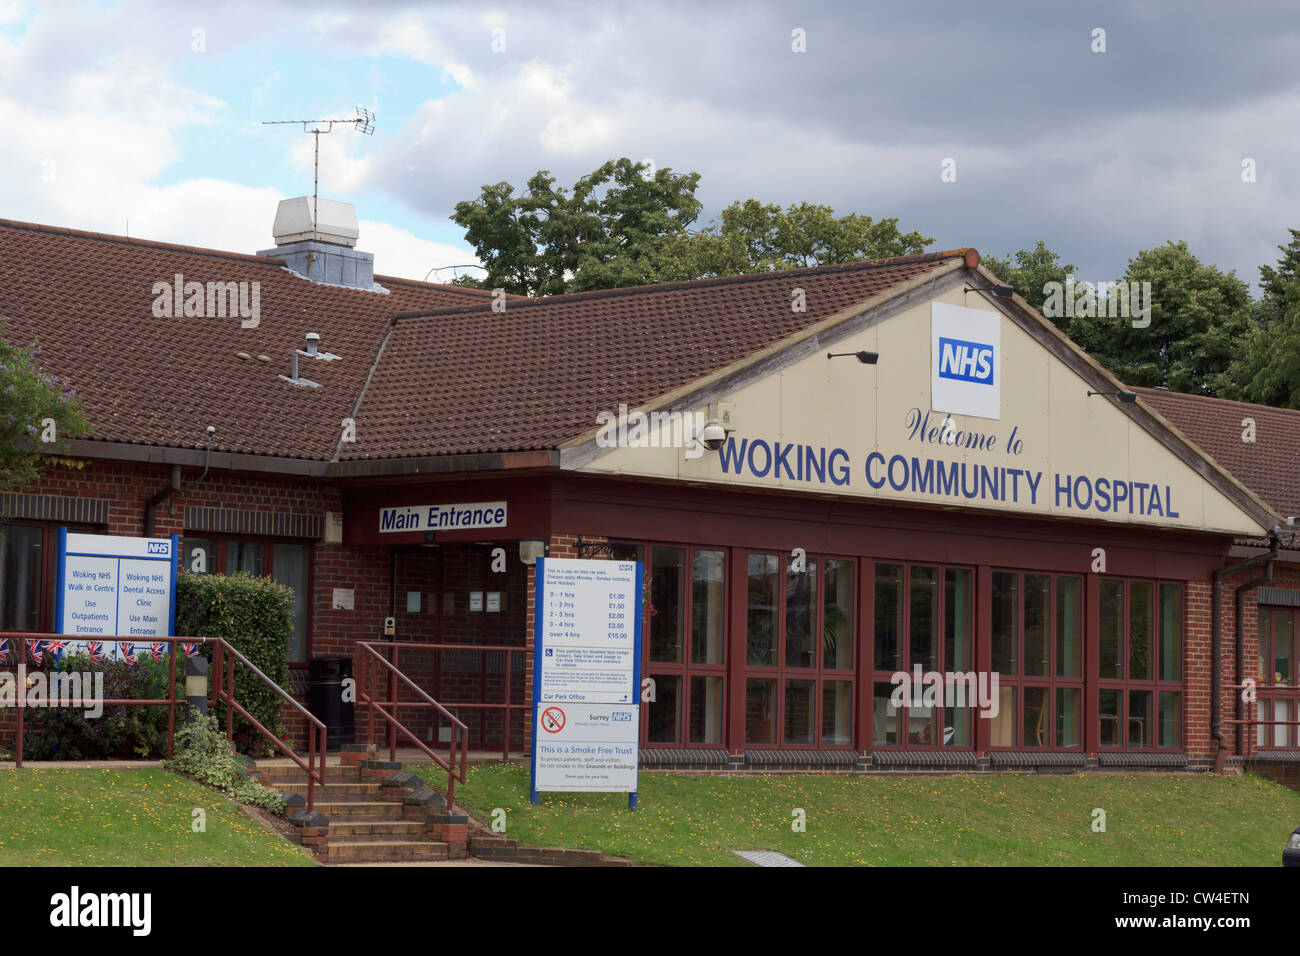 NHS Woking Community Hospital main entrance - Stock Image